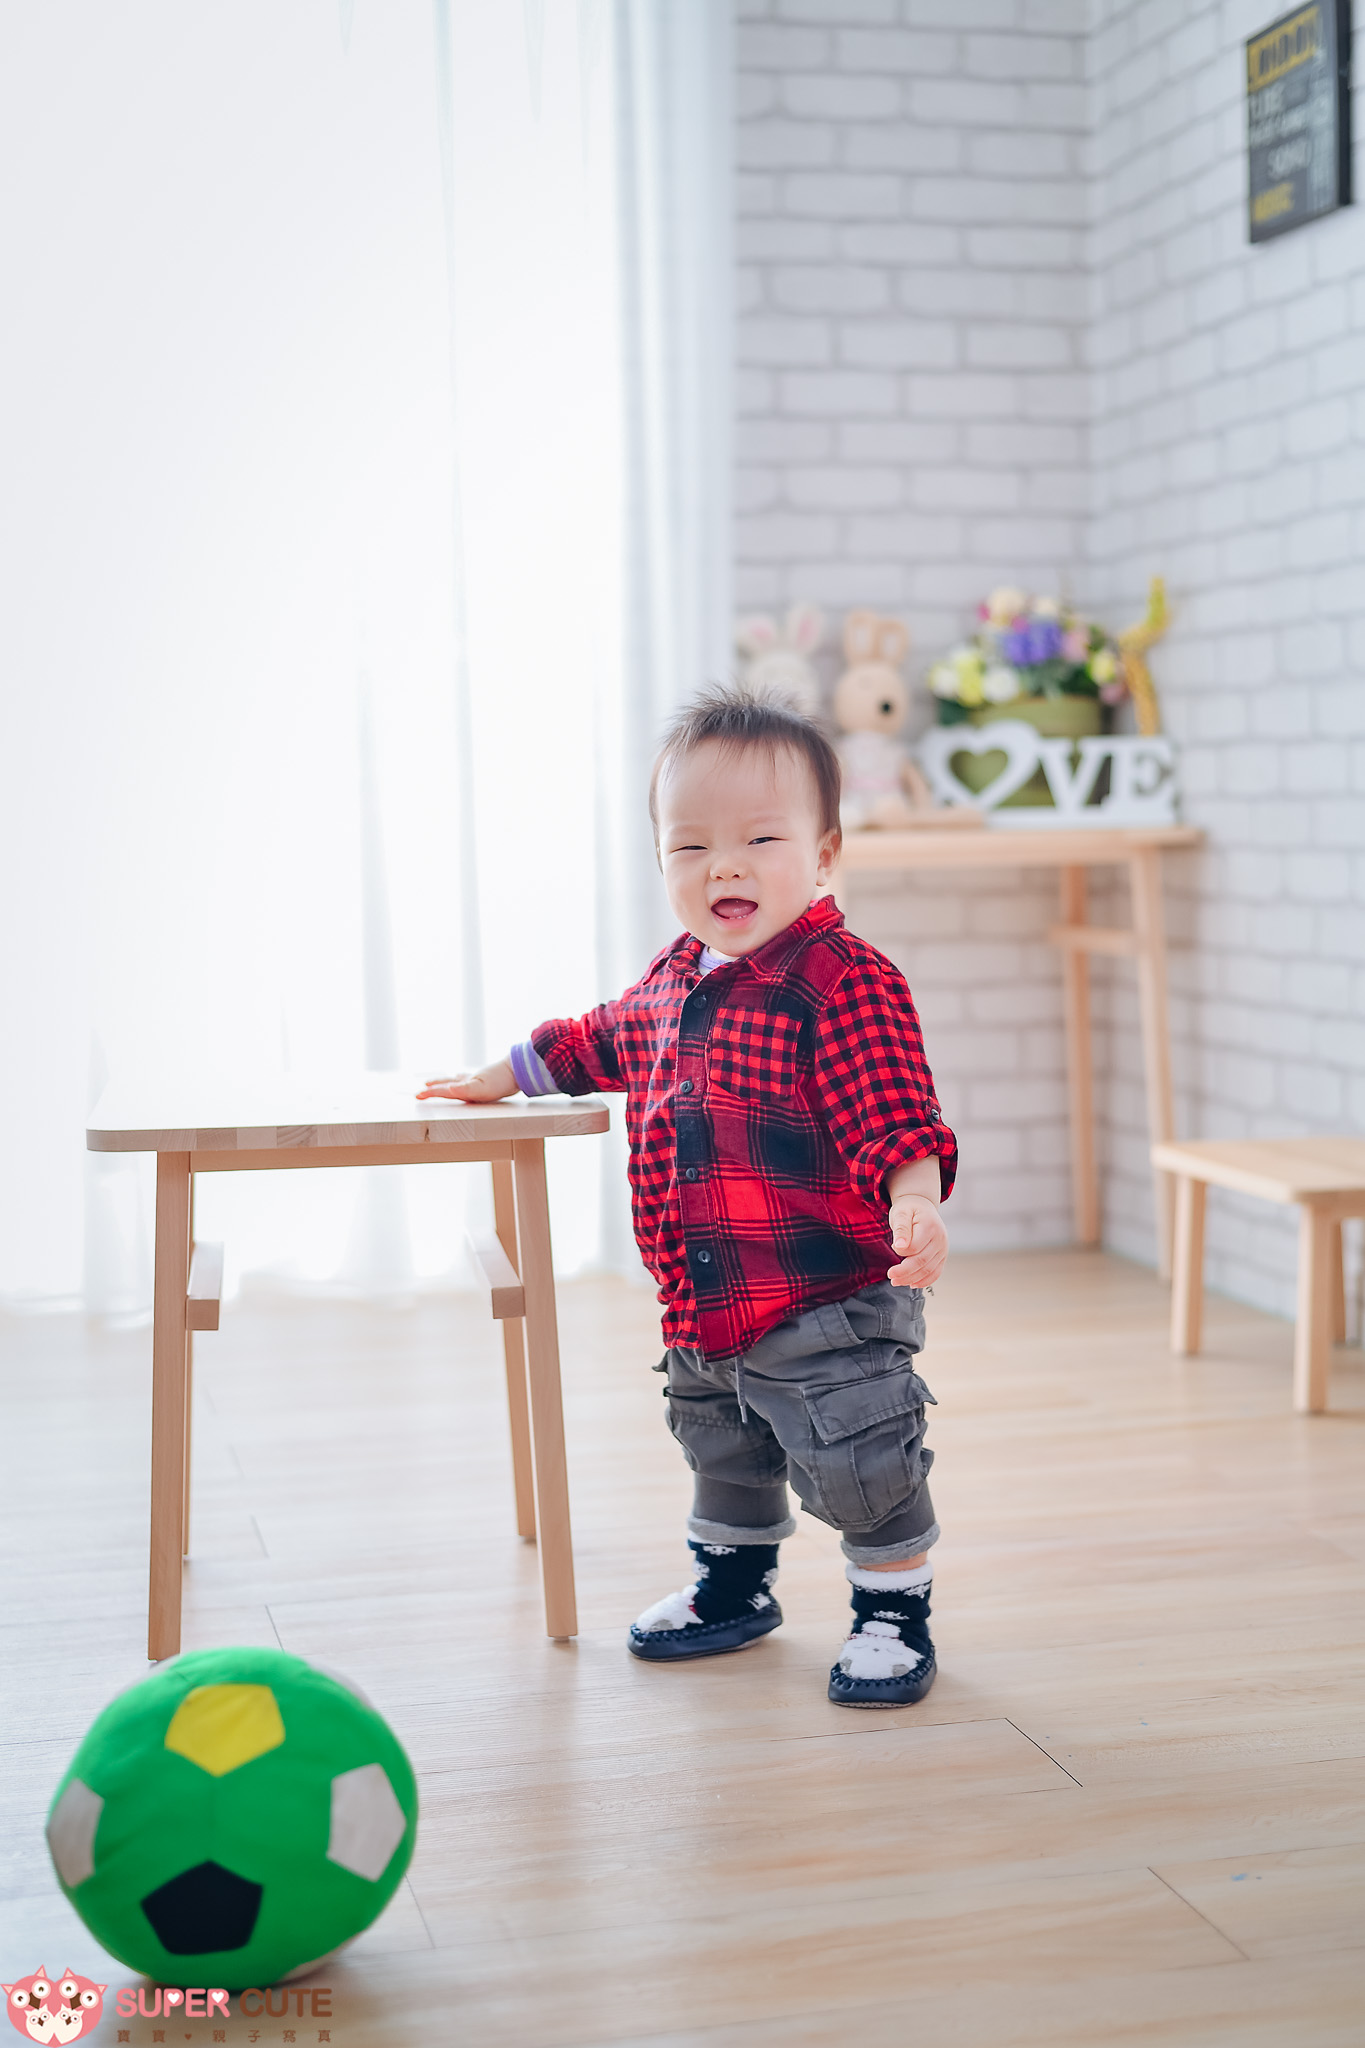 小朱爸,Supercute,兒童寫真,寶寶寫真